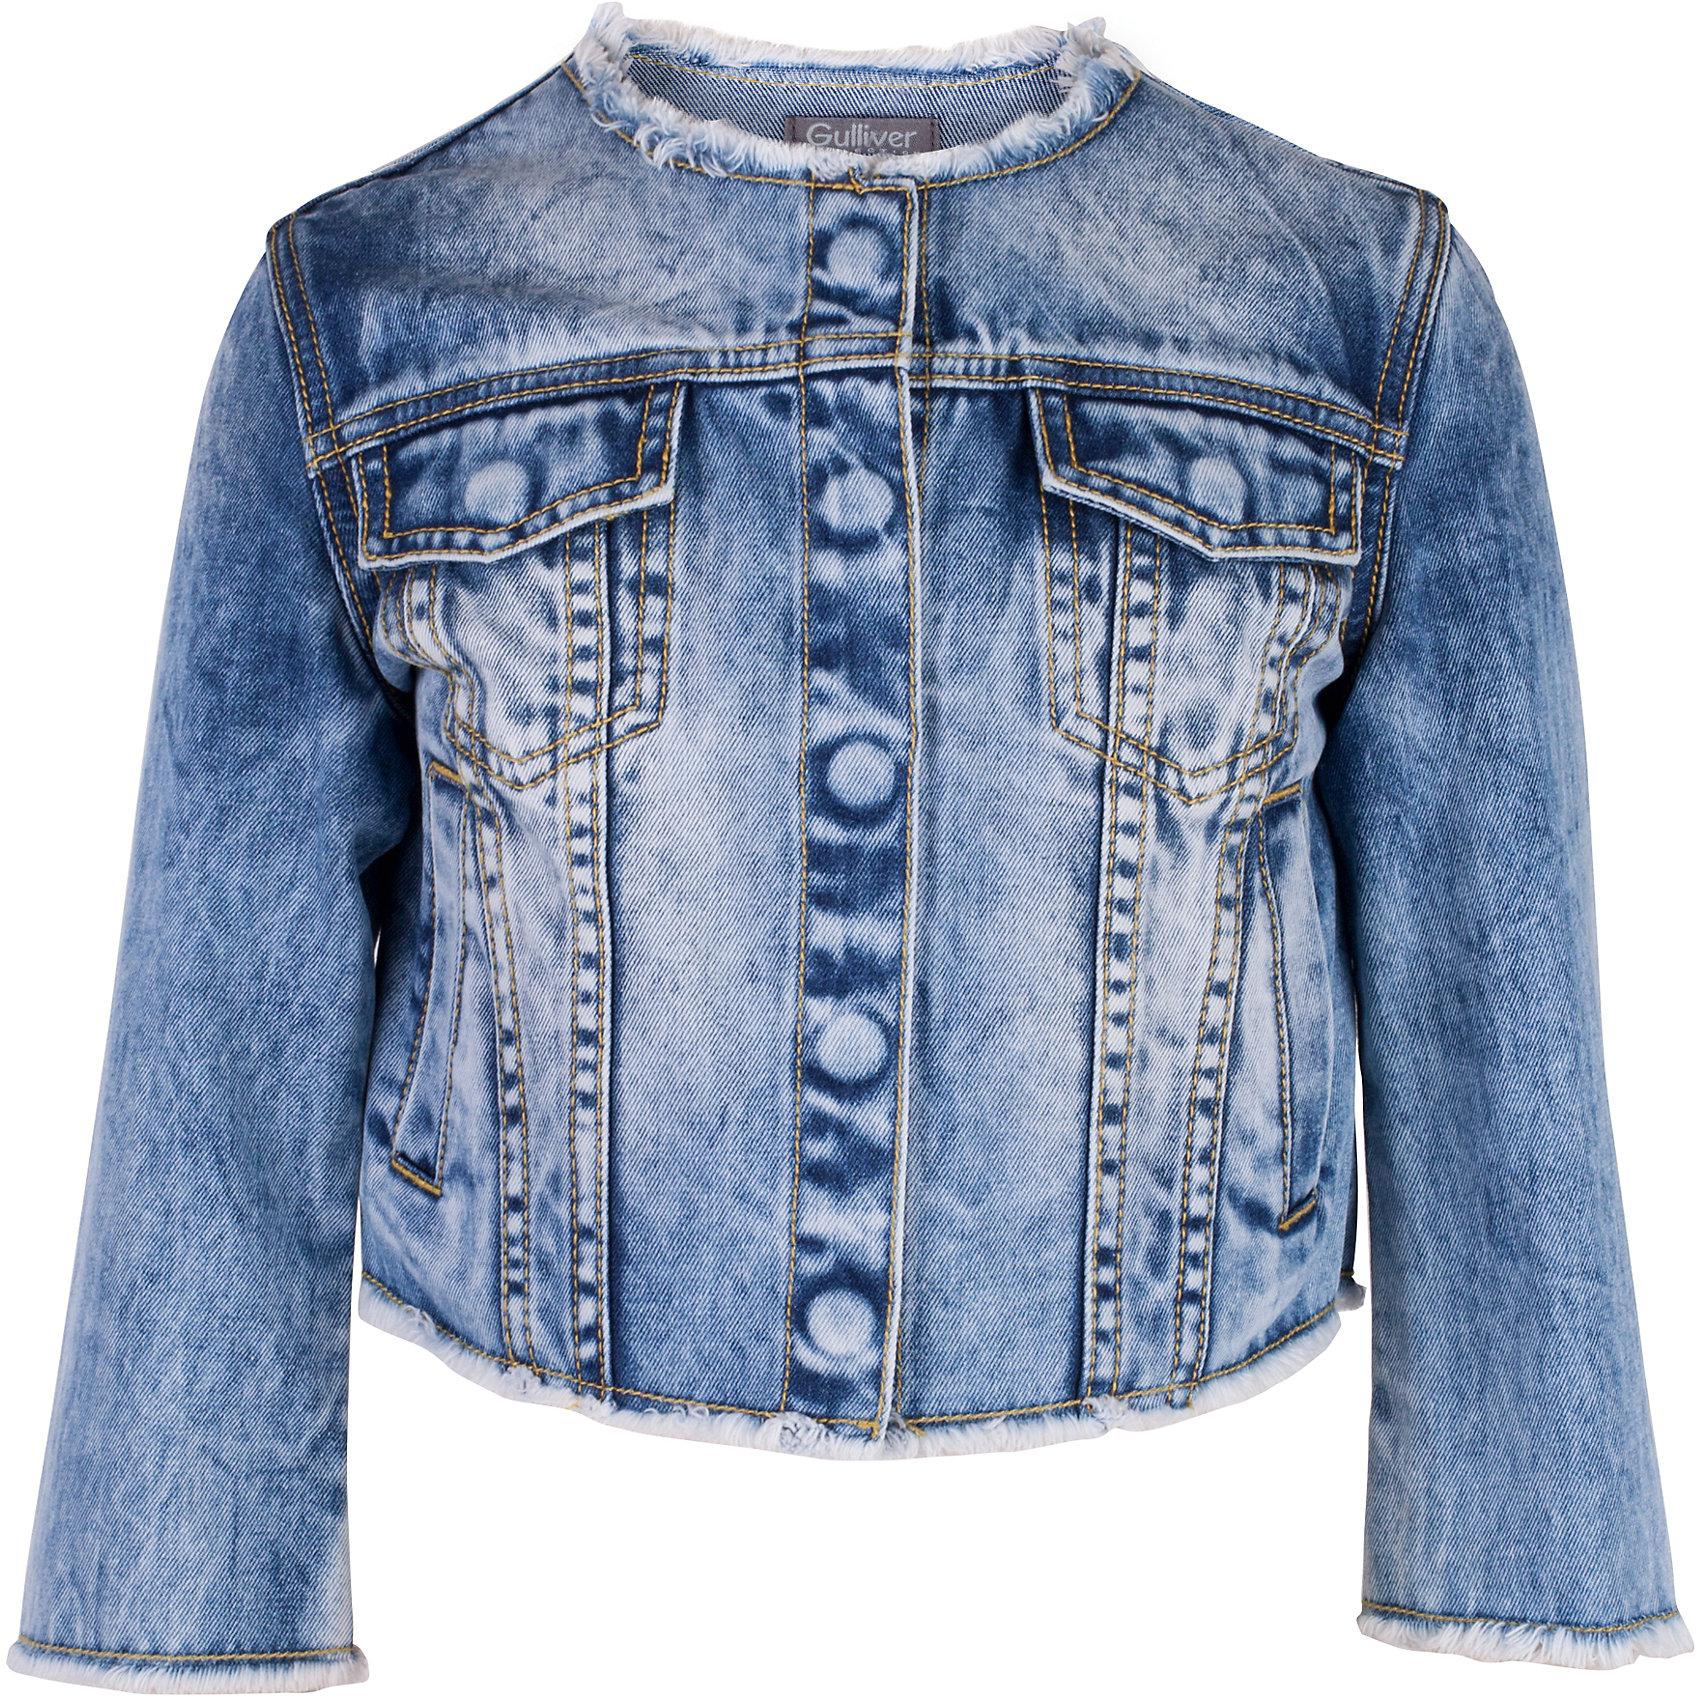 Жакет для девочки GulliverМодная джинсовая куртка для девочки - изделие на все случаи жизни! Она прекрасно дополнит любой образ в стиле casual, став незаменимым атрибутом современного динамичного гардероба. Голубая куртка с модными потертостями, заминами и варкой выполнена из хлопковой джинсовой ткани, что делает ее очень комфортной и практичной в носке. Джинсовая детская куртка - отличный вариант на каждый день. Она придаст любому комплекту завершенность, сделав образ ярким и многослойным.<br>Состав:<br>100% хлопок<br><br>Ширина мм: 356<br>Глубина мм: 10<br>Высота мм: 245<br>Вес г: 519<br>Цвет: голубой<br>Возраст от месяцев: 156<br>Возраст до месяцев: 168<br>Пол: Женский<br>Возраст: Детский<br>Размер: 164,146,152,158<br>SKU: 5483140